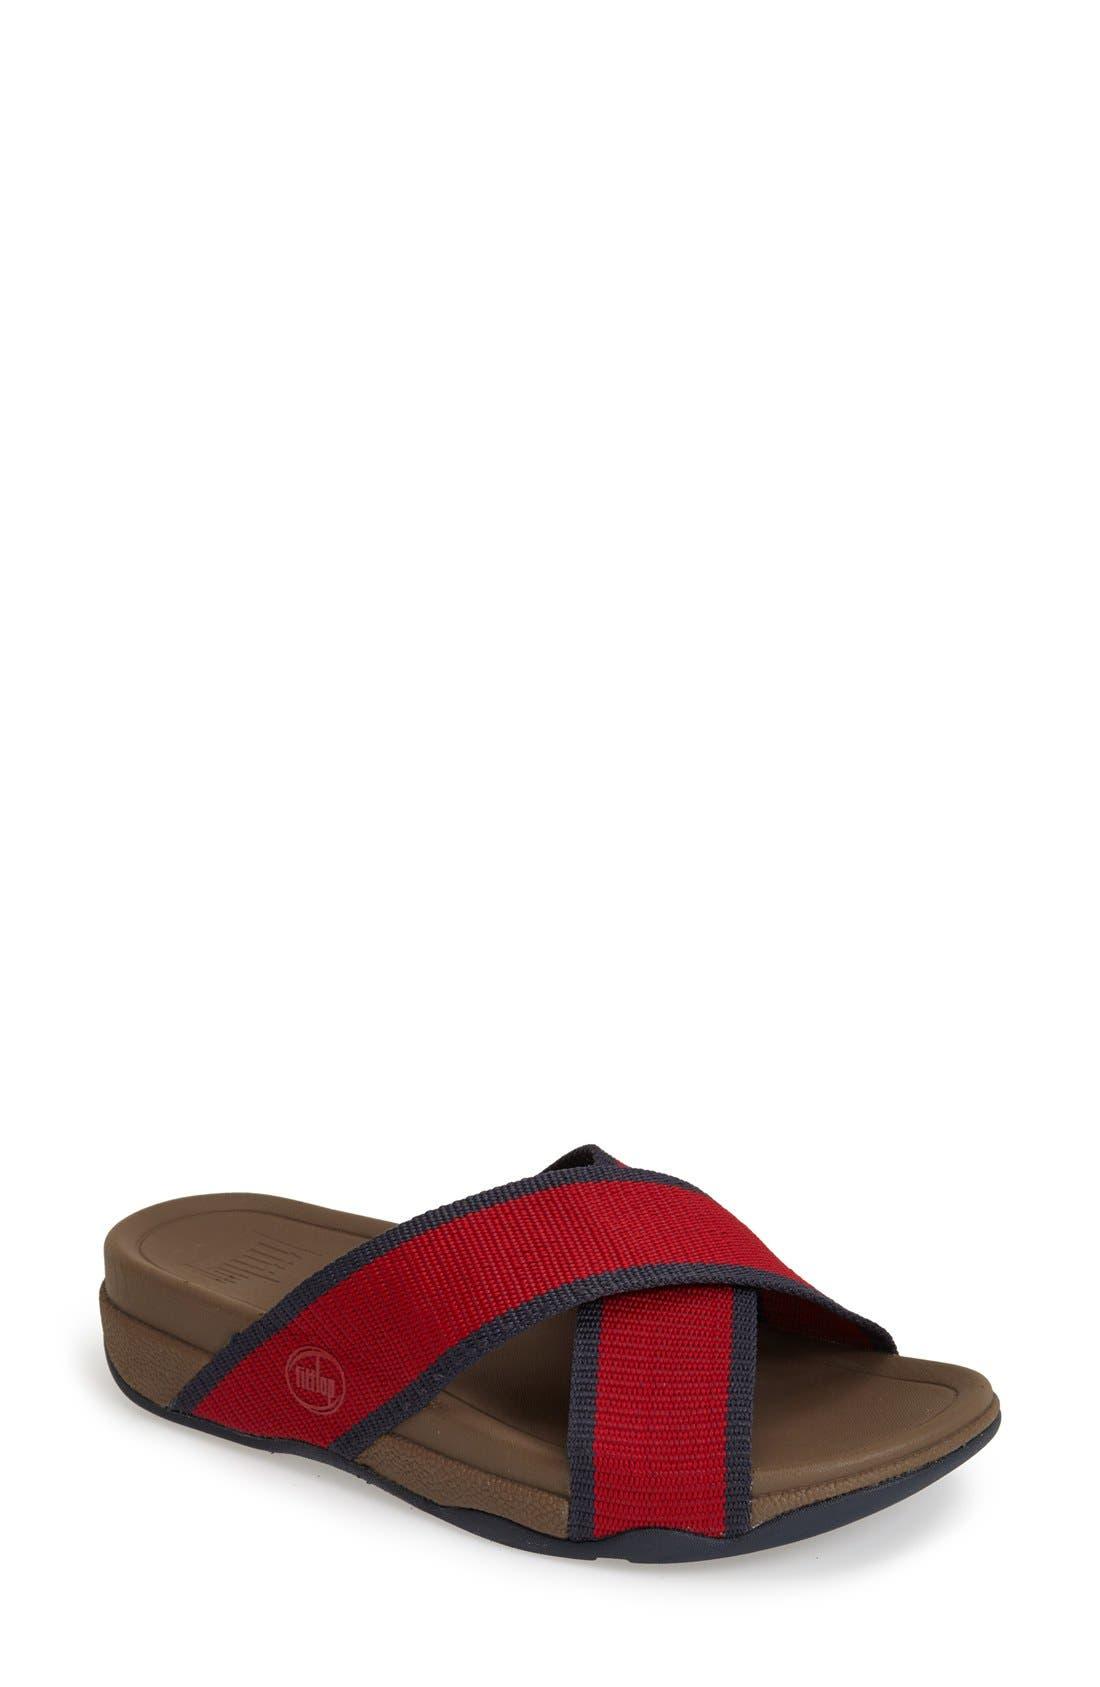 Main Image - FitFlop™ 'Surfer' Slide Sandal (Men)